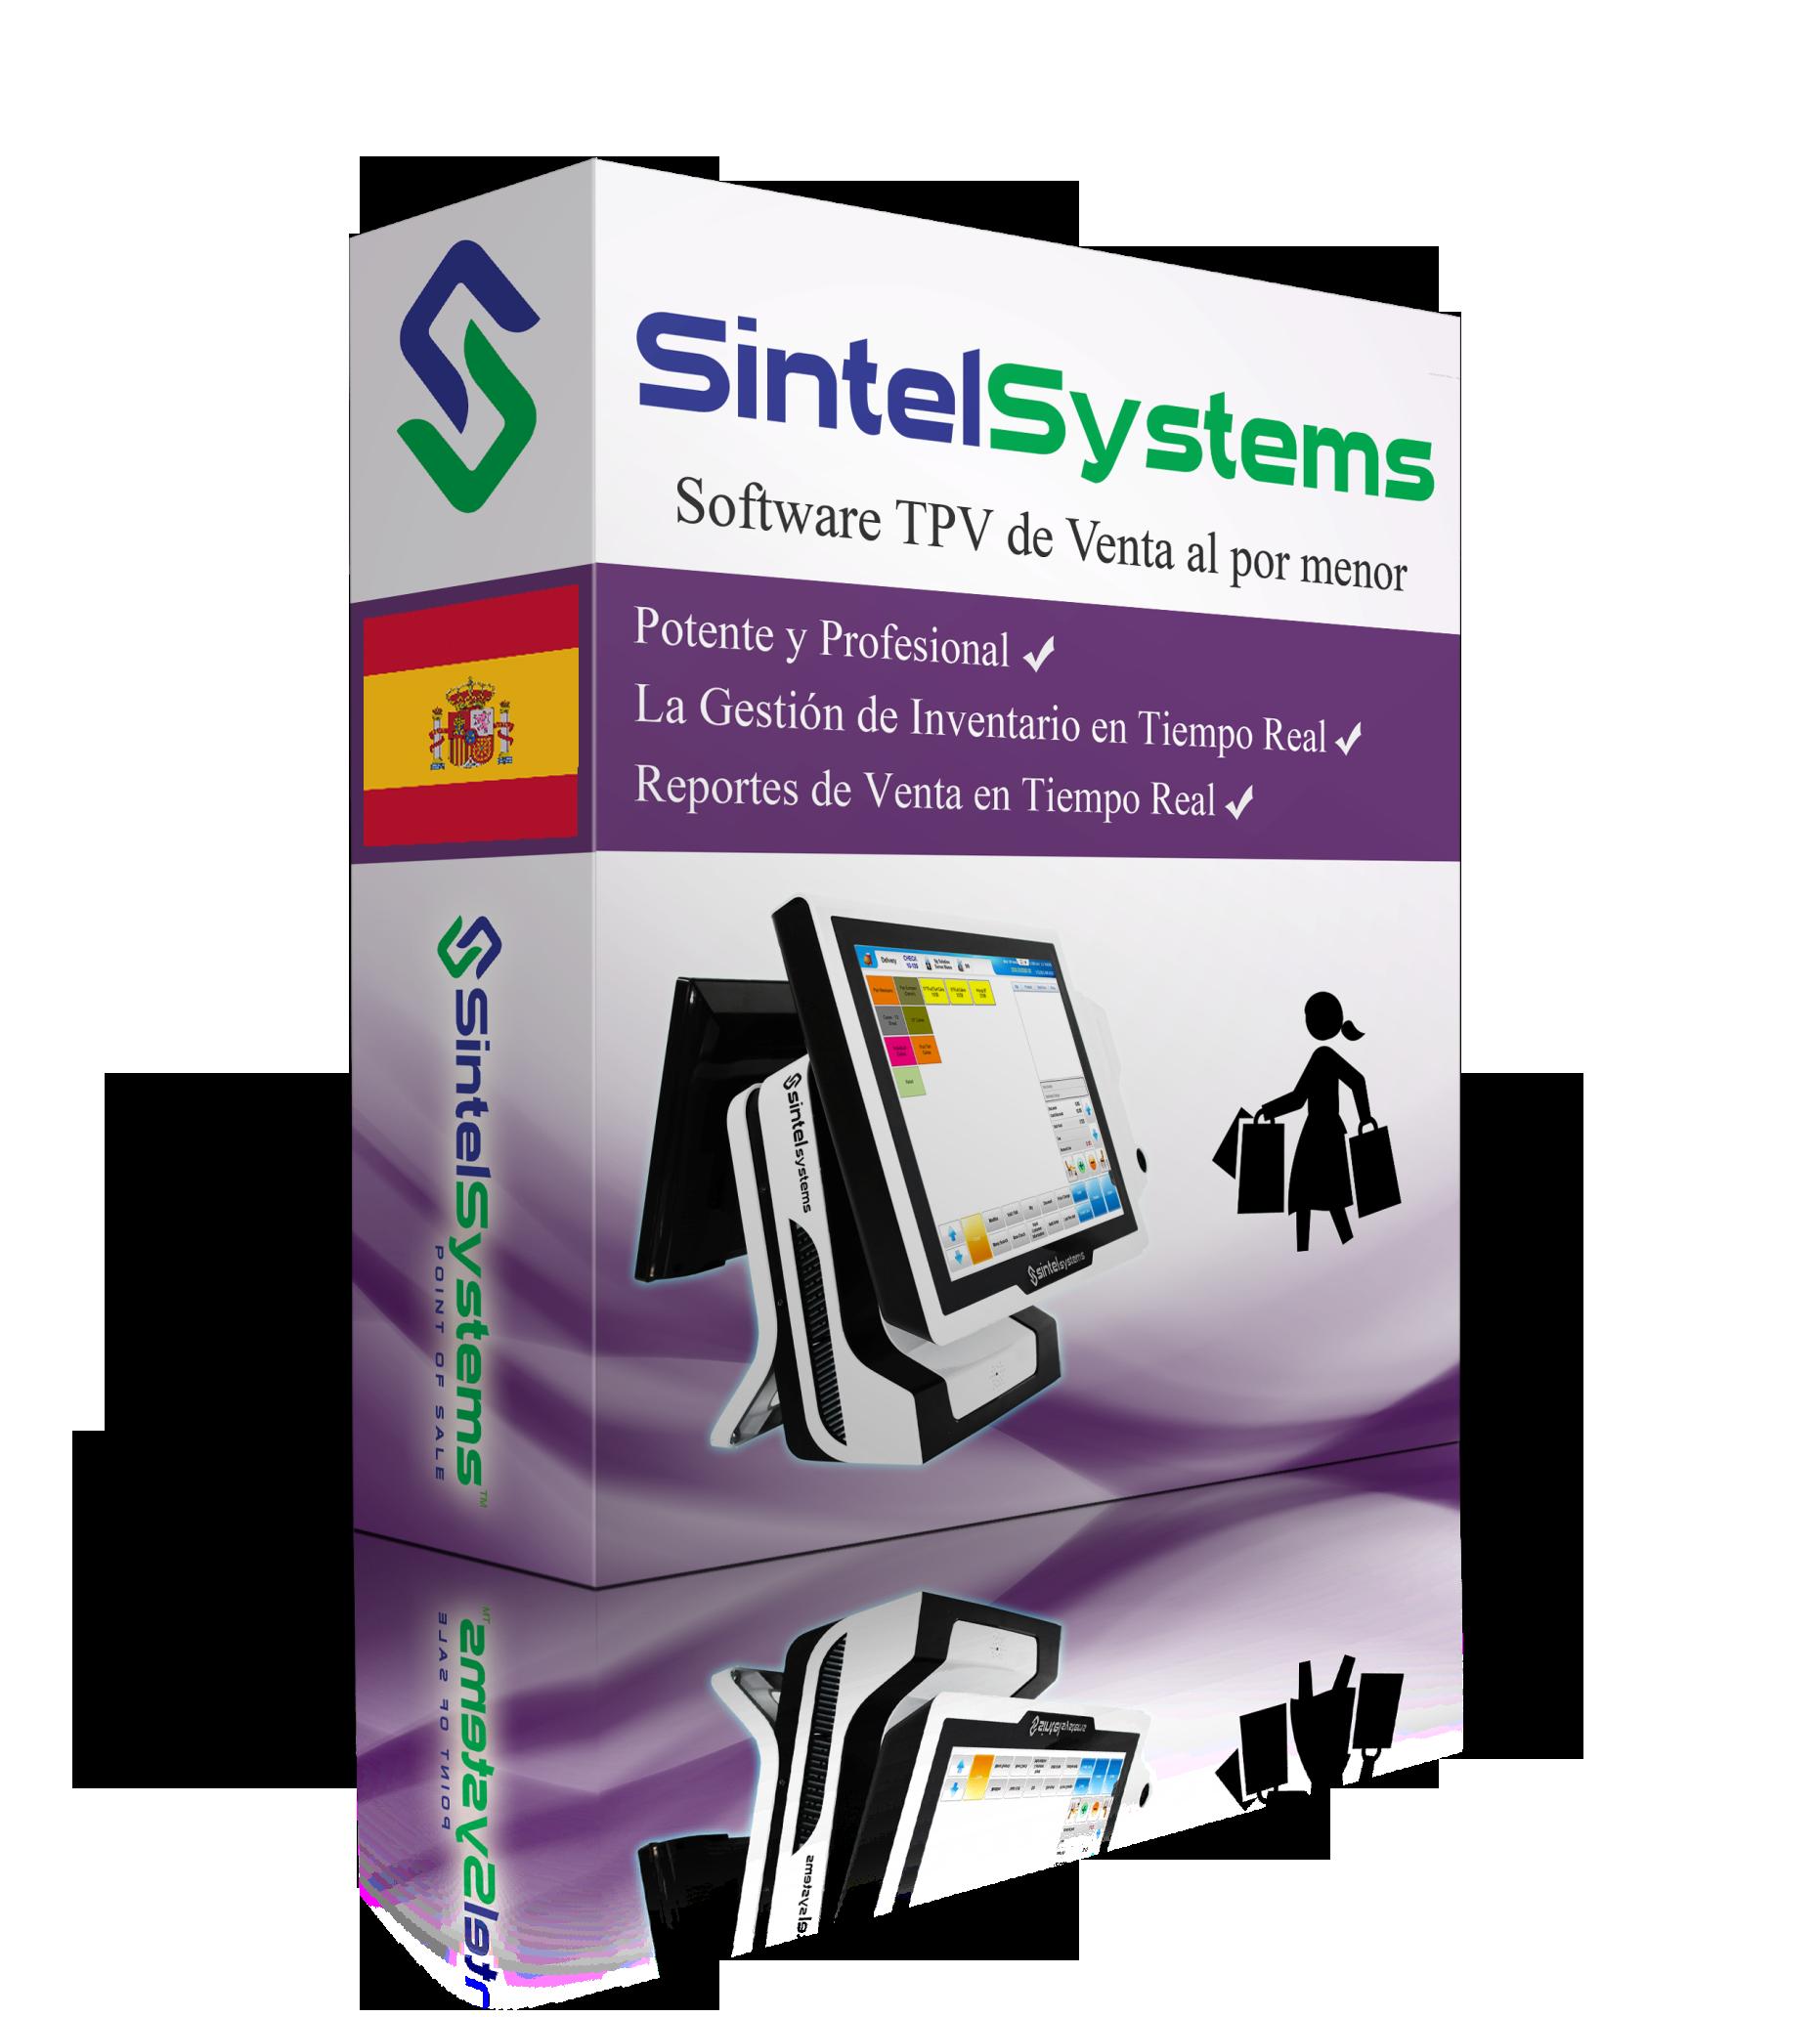 Espanol-Tienda-al-por-Menor-PTV-Punot-de-Venta-Software-Sintel-Systems-www.SintelSystemsPOS.com